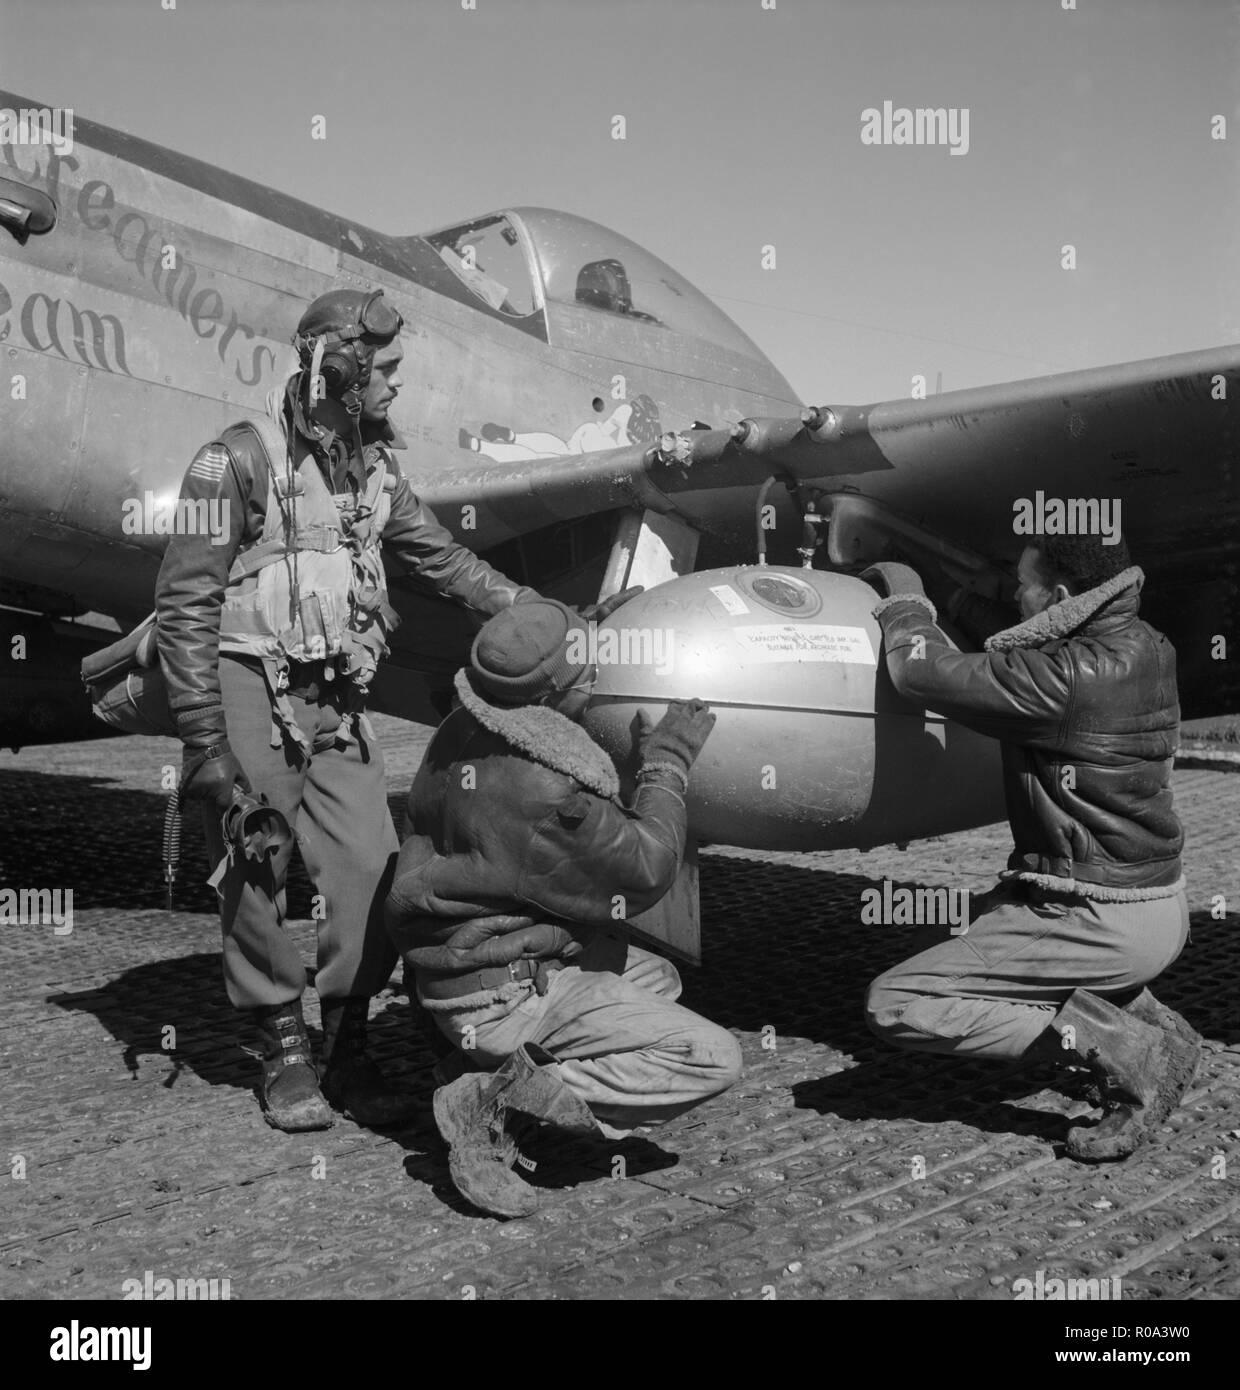 Edward C. Tuskegee airman Gleed, Lawrence, KS, classe 42-K, avec deux membres de l'équipage non identifiés sur le réservoir externe de Réglage Aile Drop d'un P-5/D AVION, Ramitelli, Italie, Toni Frissell, Mars 1945 Photo Stock